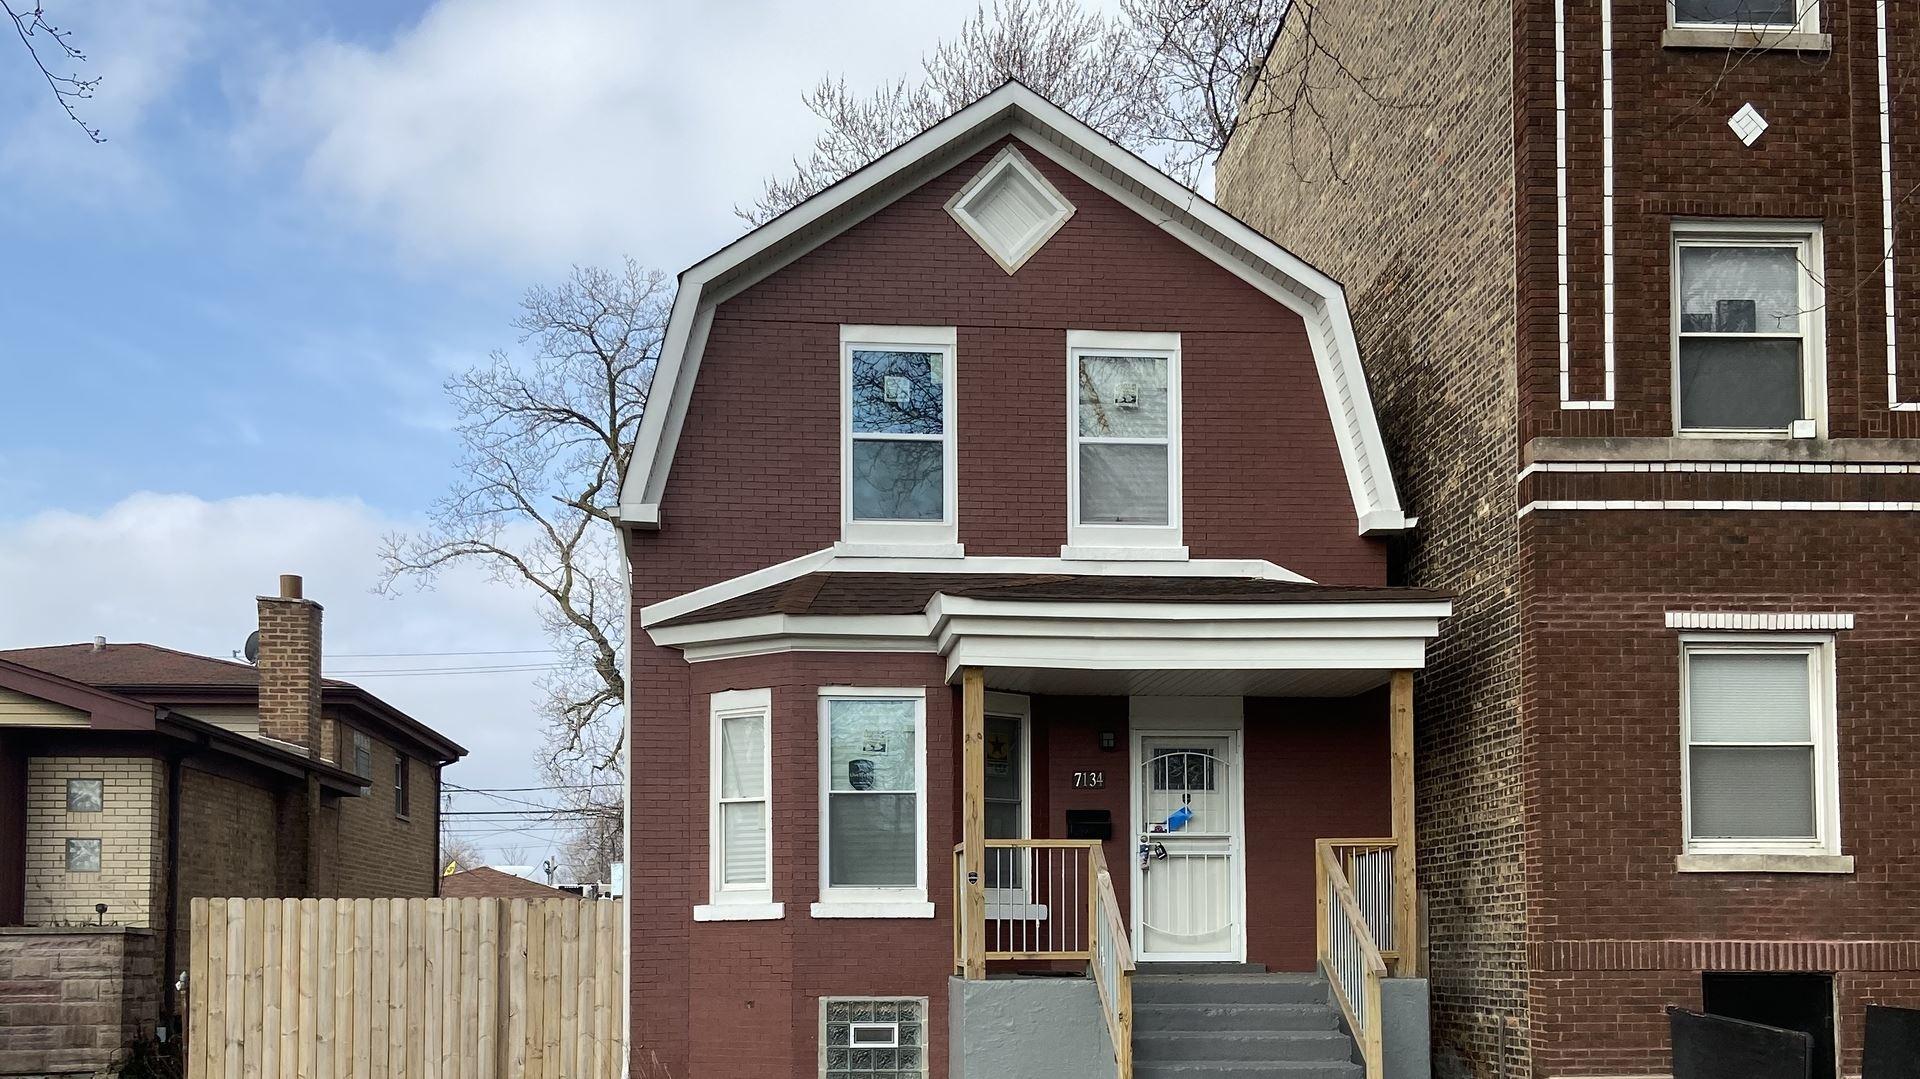 7134 S Wabash Avenue, Chicago, IL 60619 - #: 10665745